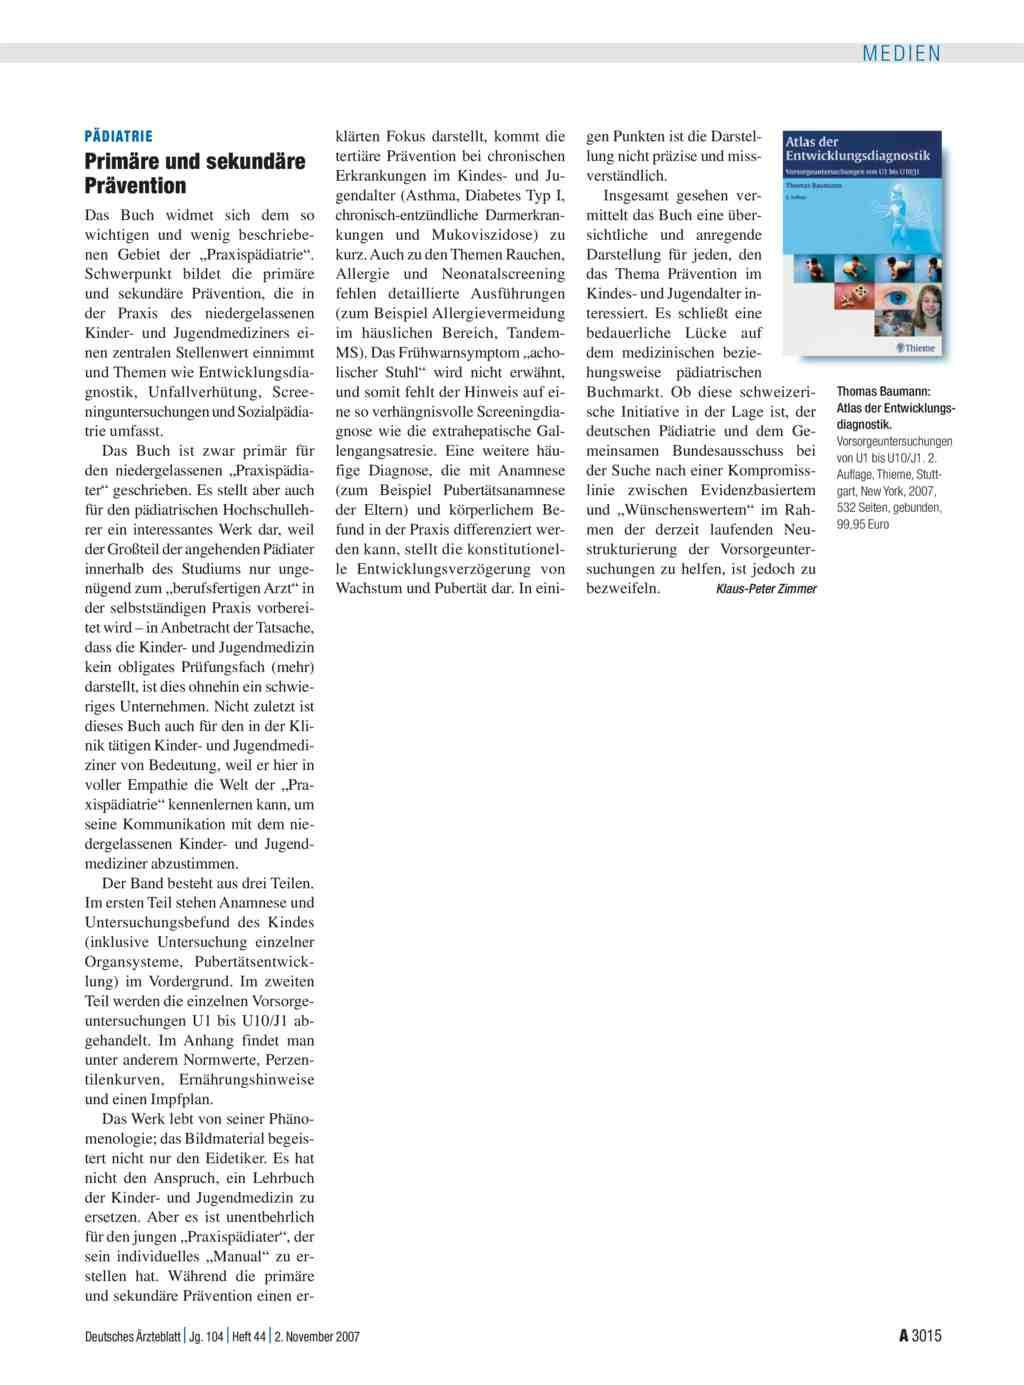 Atlas Der Entwicklungsdiagnostik Vorsorgeuntersuchungen Von U1 Bis